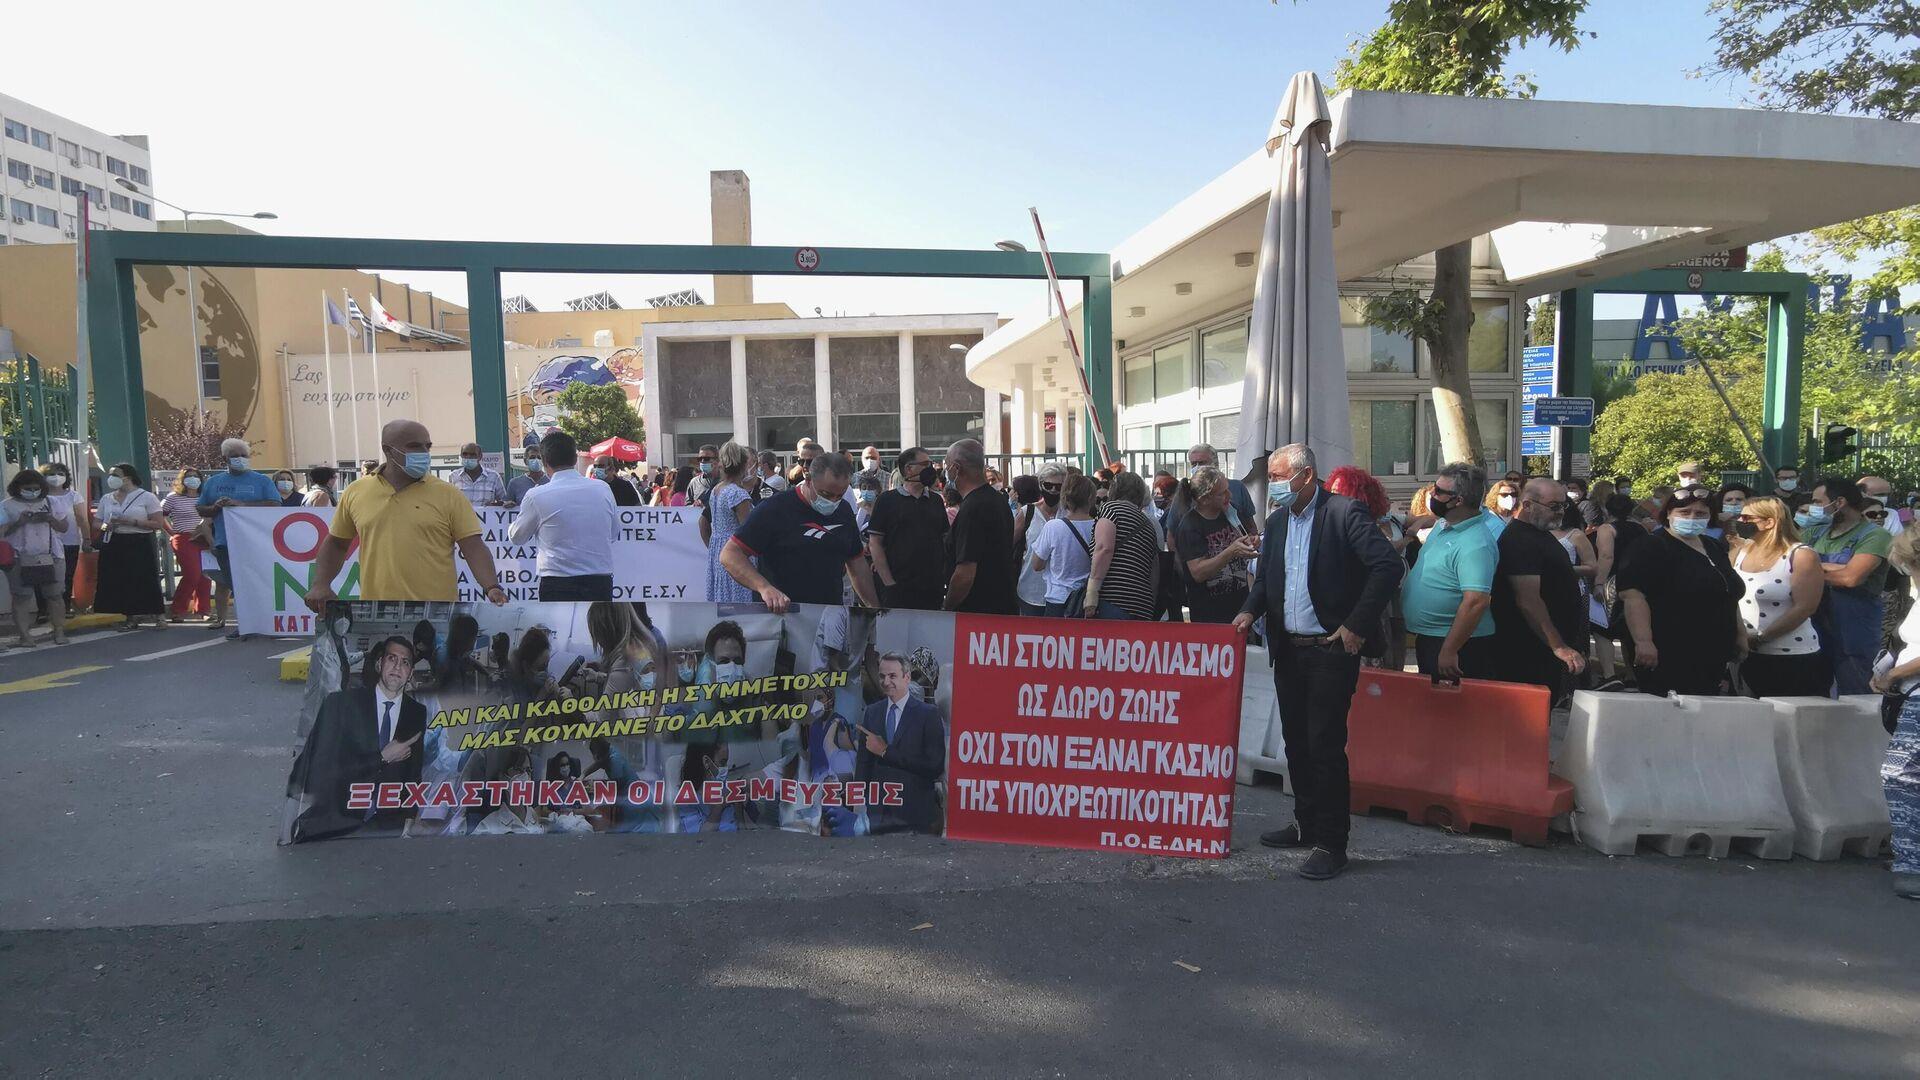 Διαμαρτυρία ΠΟΕΔΗΝ την Τετάρτη 21 Ιουλίου 2021 έξω από το νοσοκομείο ΑΧΕΠΑ κατά υποχρεωτικού εμβολιασμού - Sputnik Ελλάδα, 1920, 23.07.2021